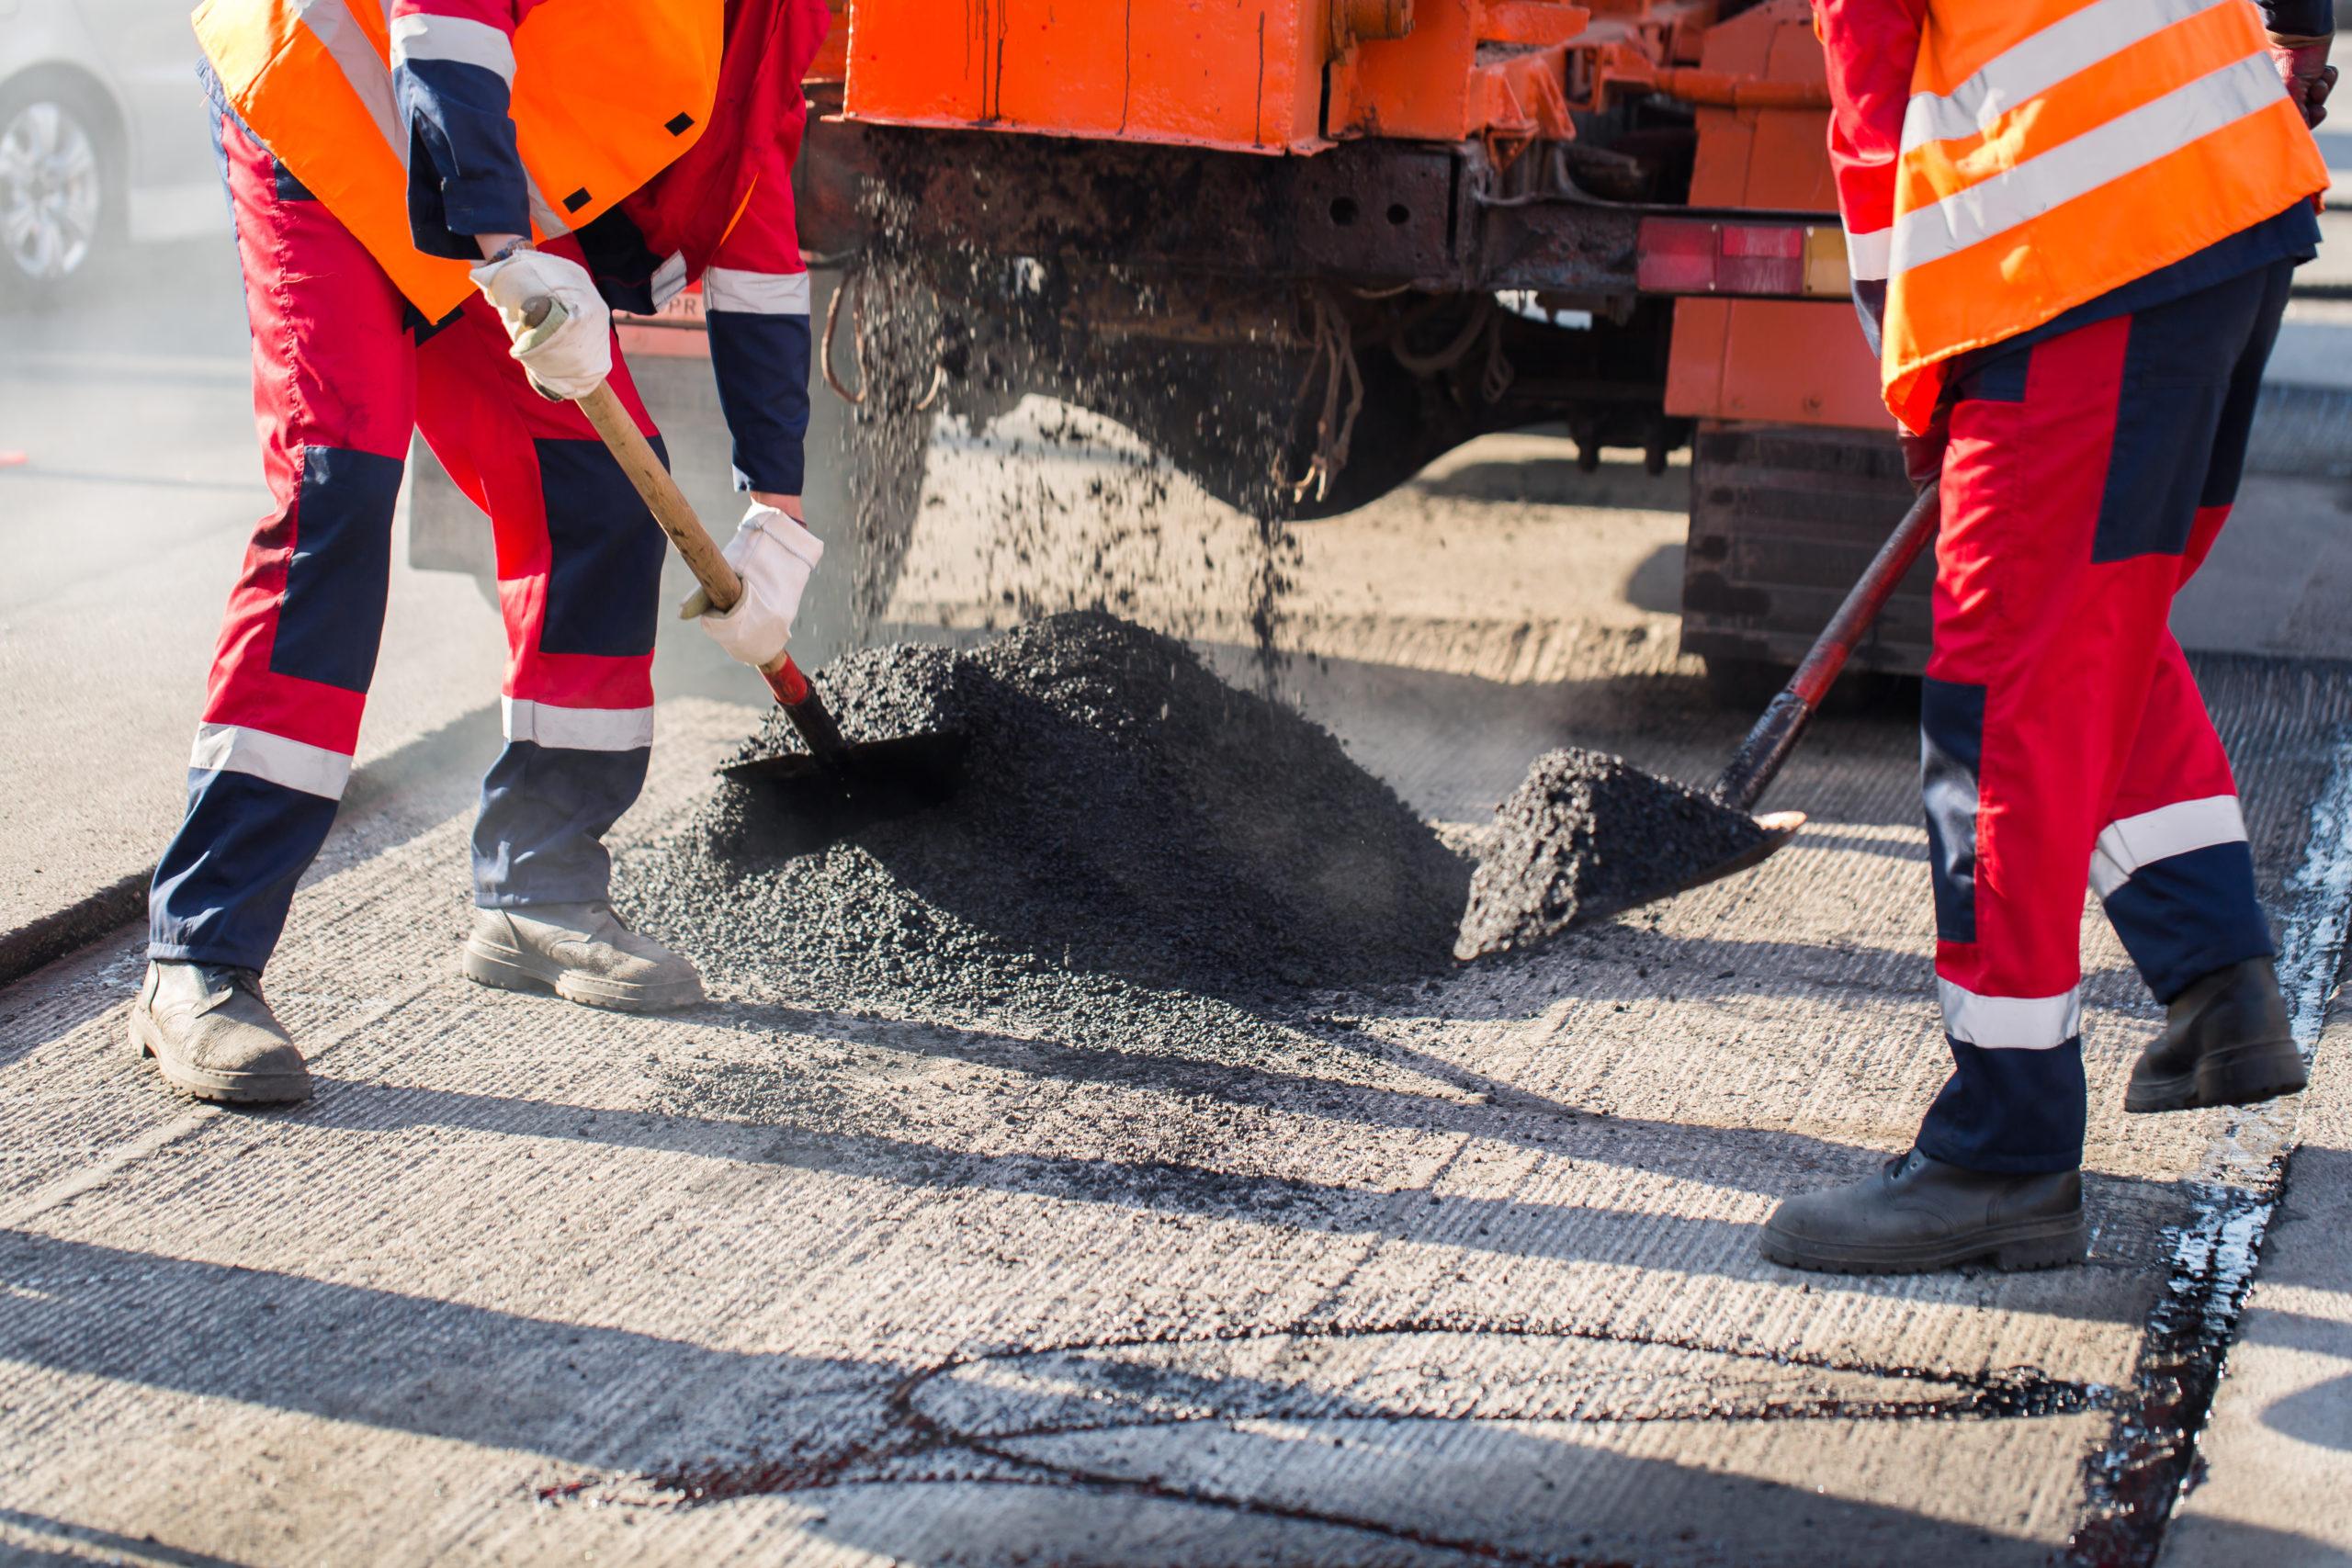 Фрезерование асфальта: как сегодня ремонтируют дороги